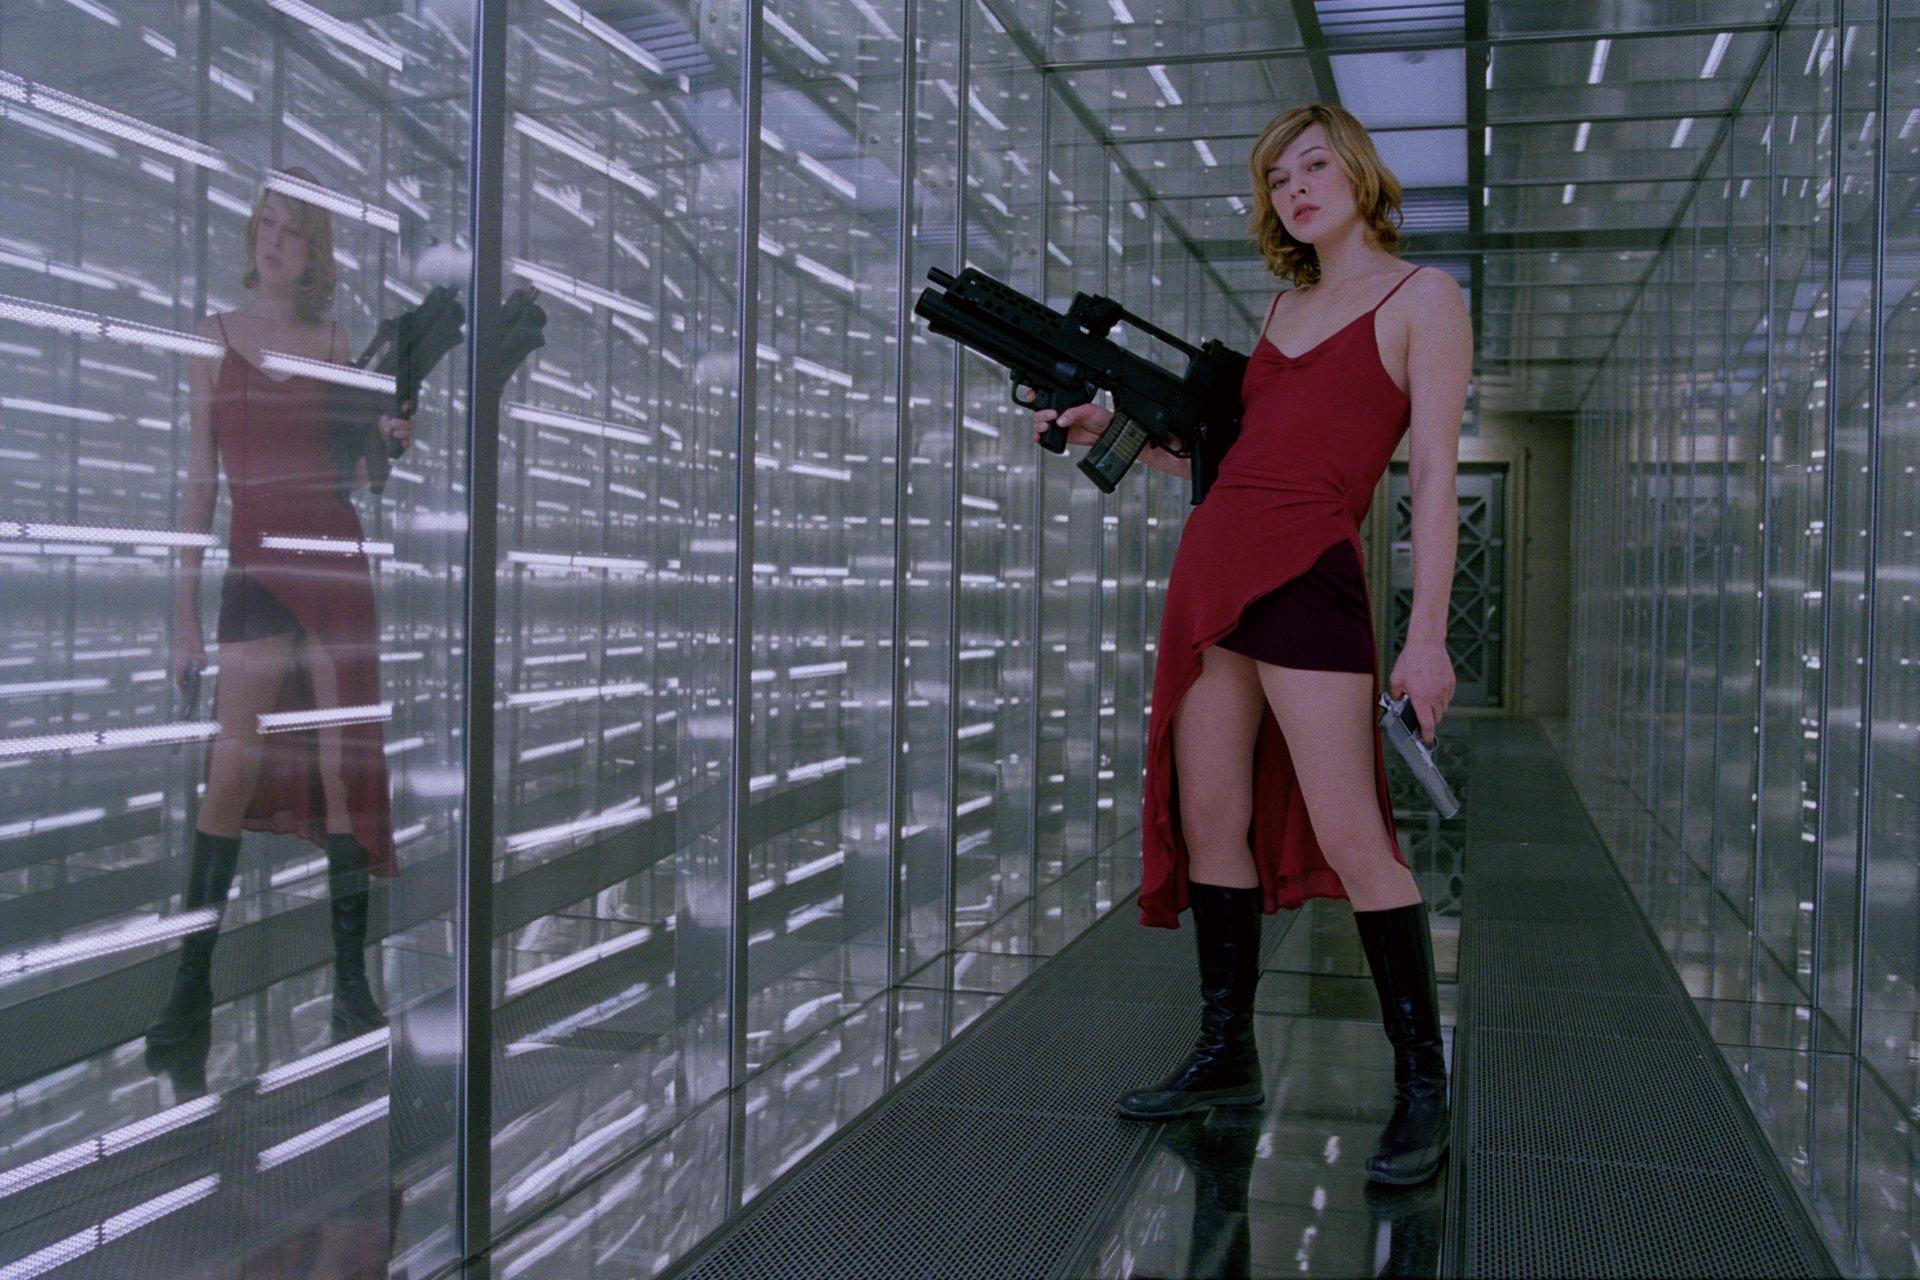 Movie - Resident Evil  Milla Jovovich Wallpaper